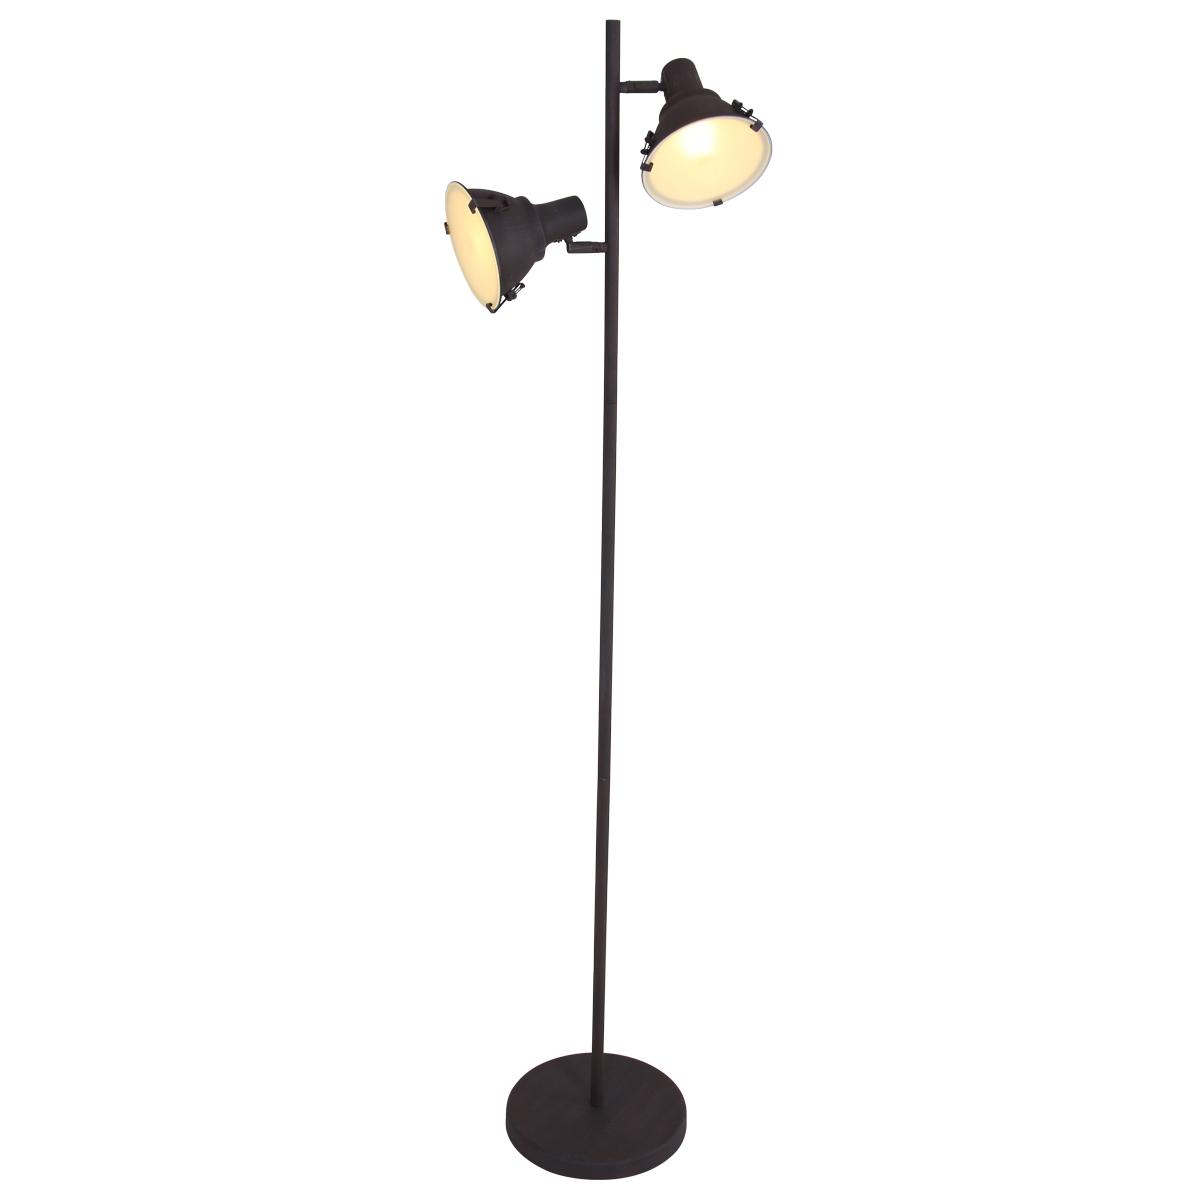 Industri le vloerlamp jona duo bruin industriele lampen for Industriele vloerlamp